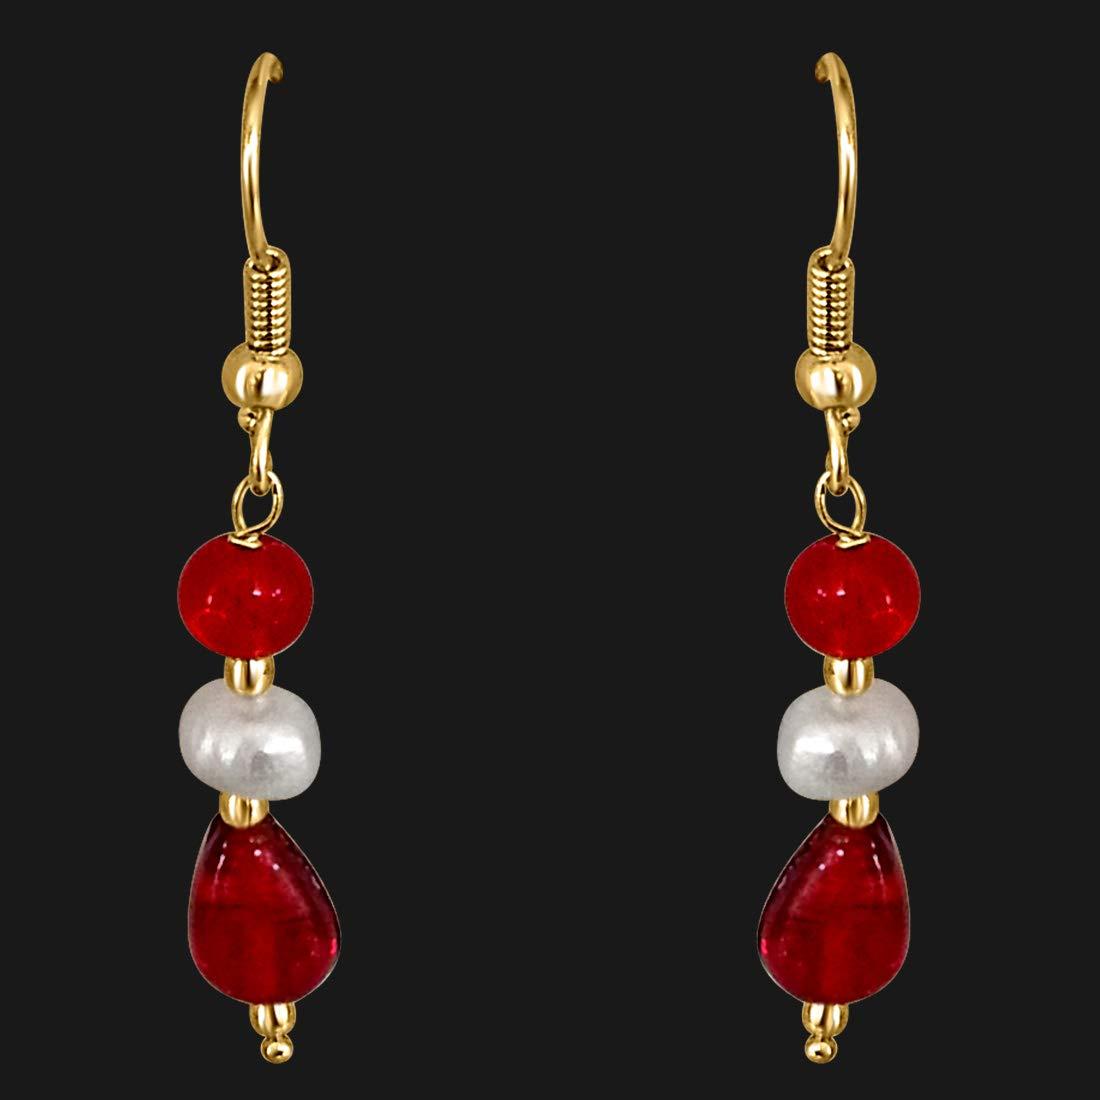 Dangling Pearl & Red Stone Earrings for Women (SE199)